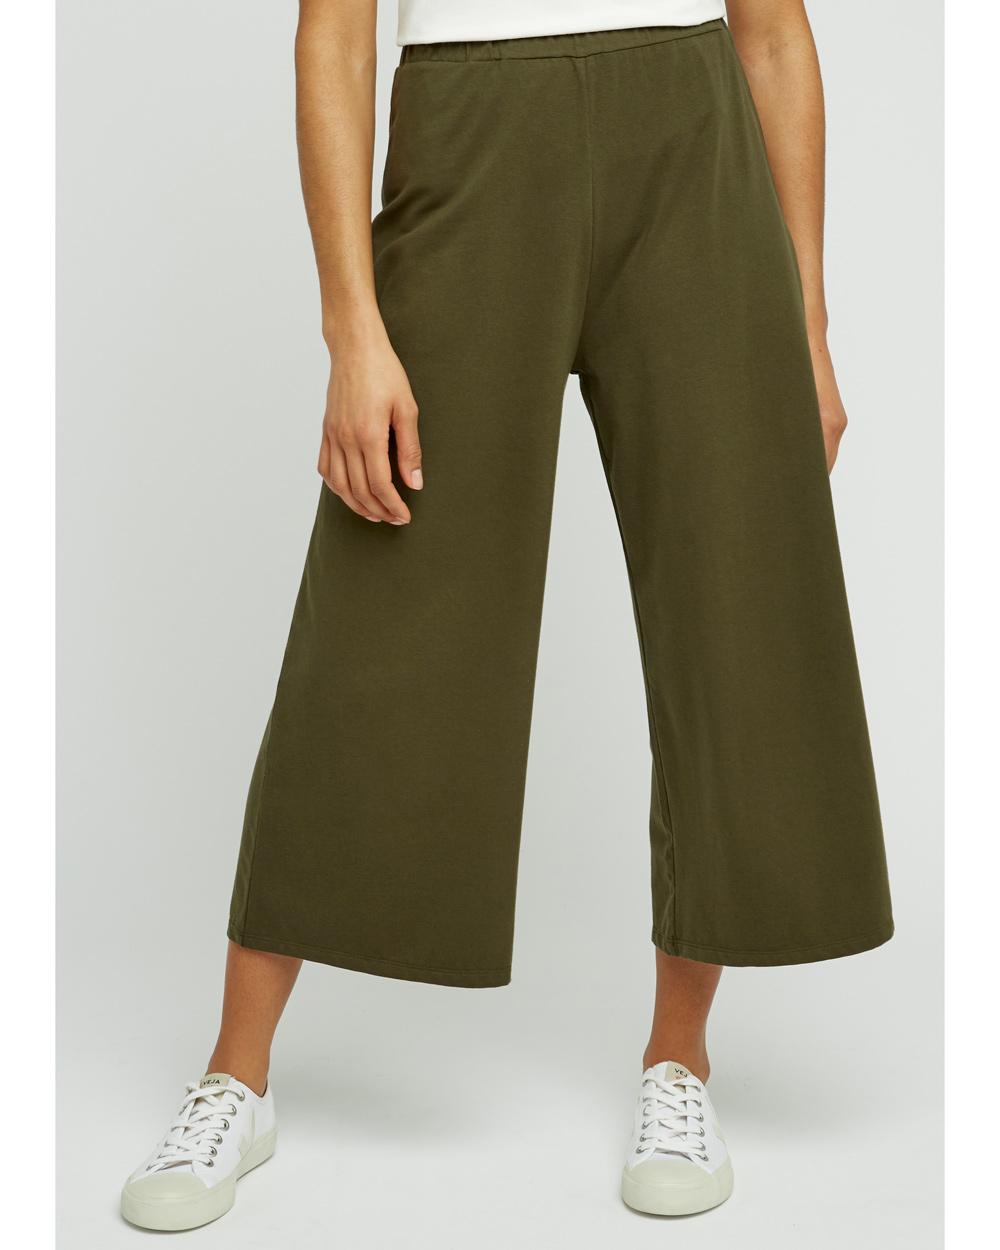 Mintgrønn bukse (Str. 56) Grønt Skift